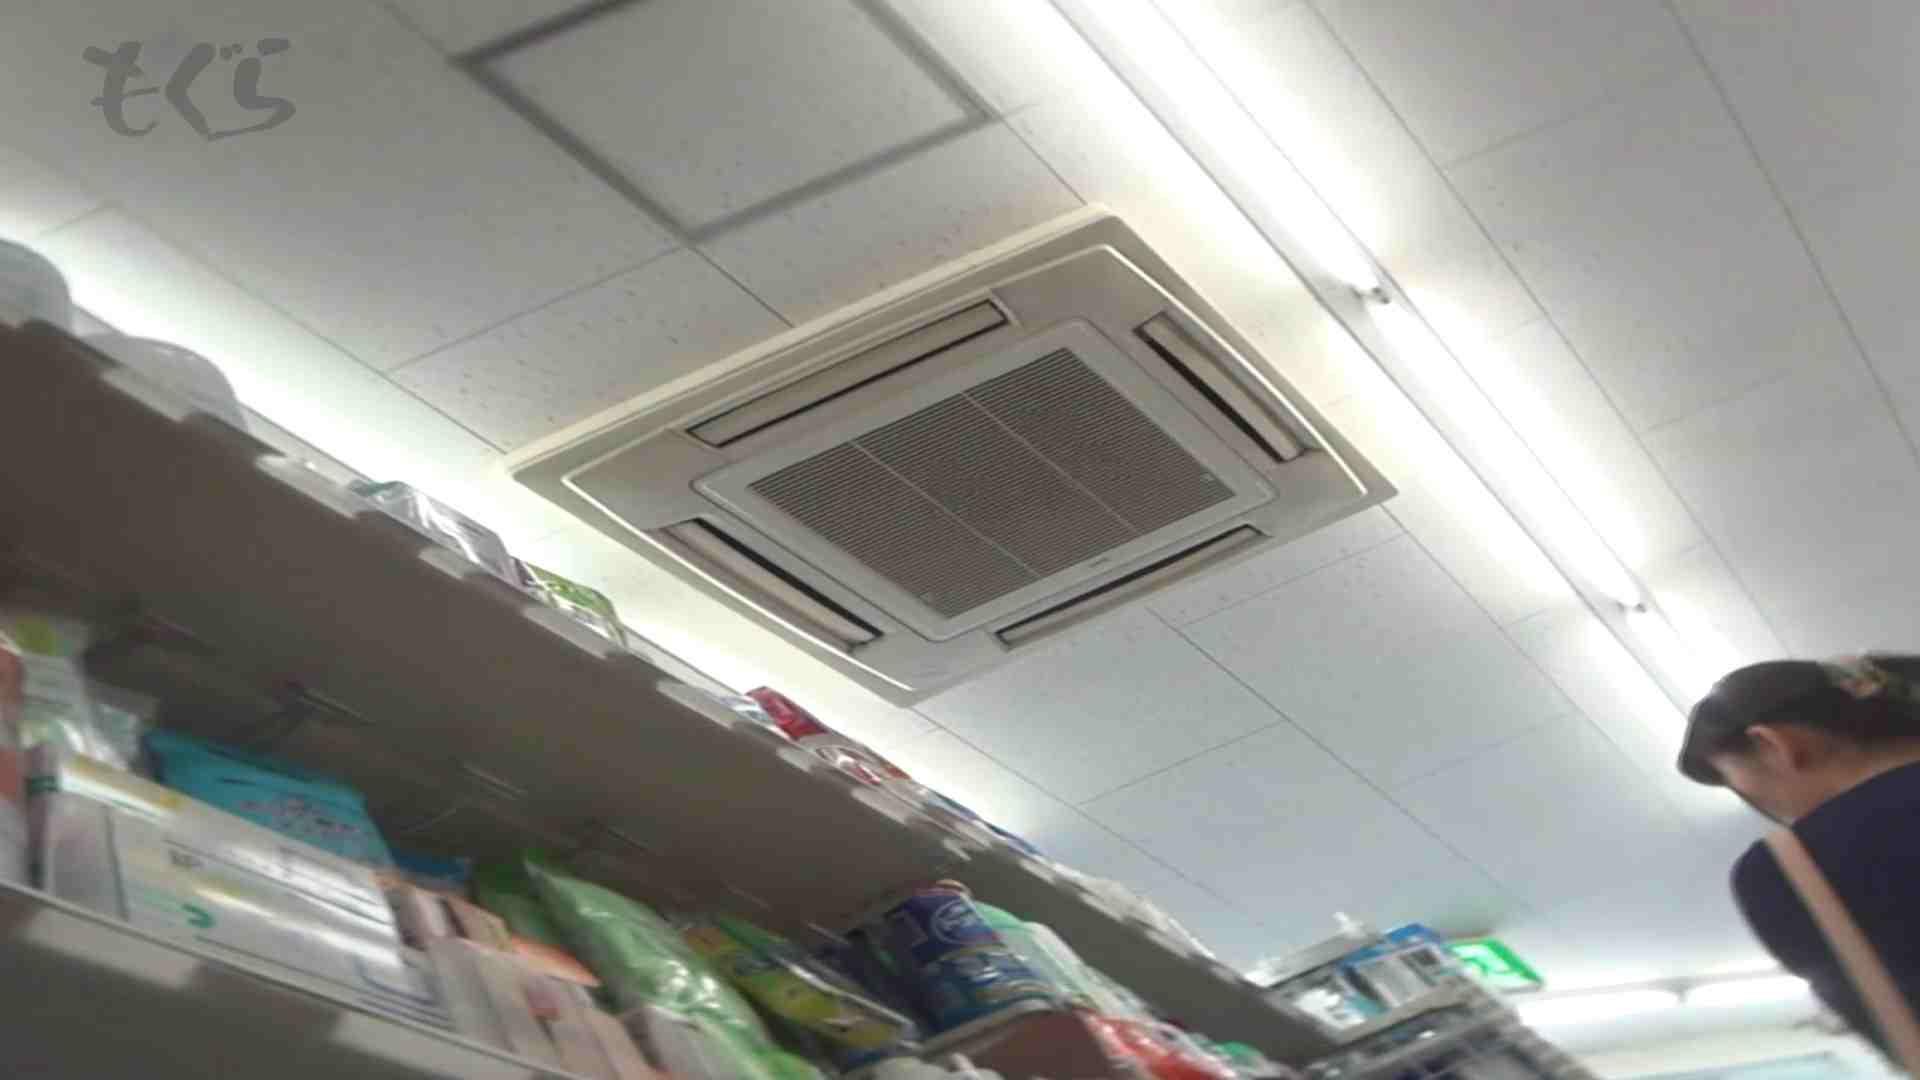 隣からNo38 暑いので涼しげワンピースがたっぷりです。 おまんこ無修正 | ギャルの実態  62pic 16